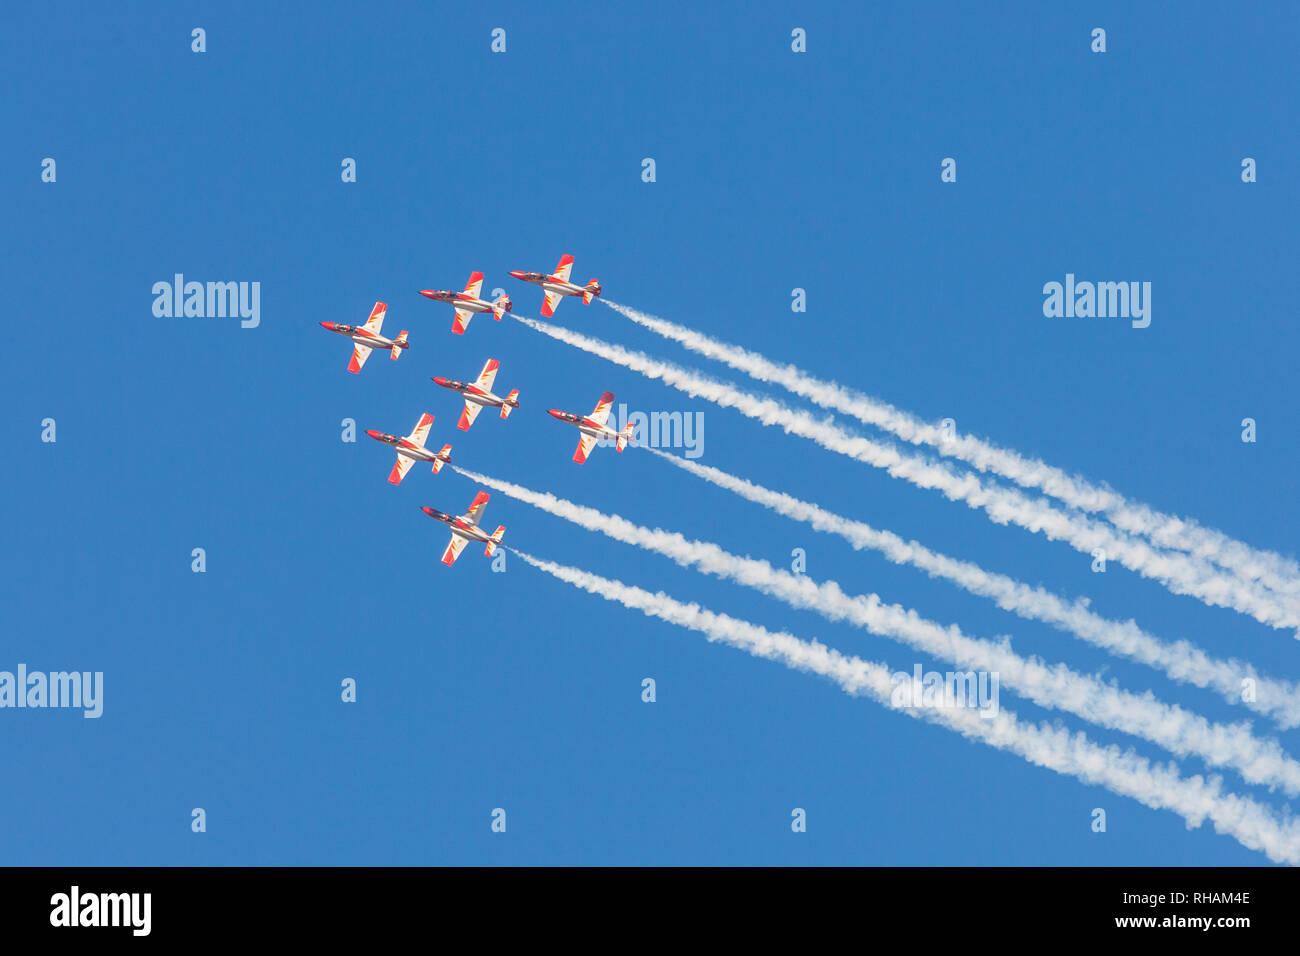 DUBAI, UAE - NOVEMBER 11, 2007: The Spanish Air Force Aerobatic Team, Patrulla Aguila (Eagle Patrol), flying over Dubai. Stock Photo